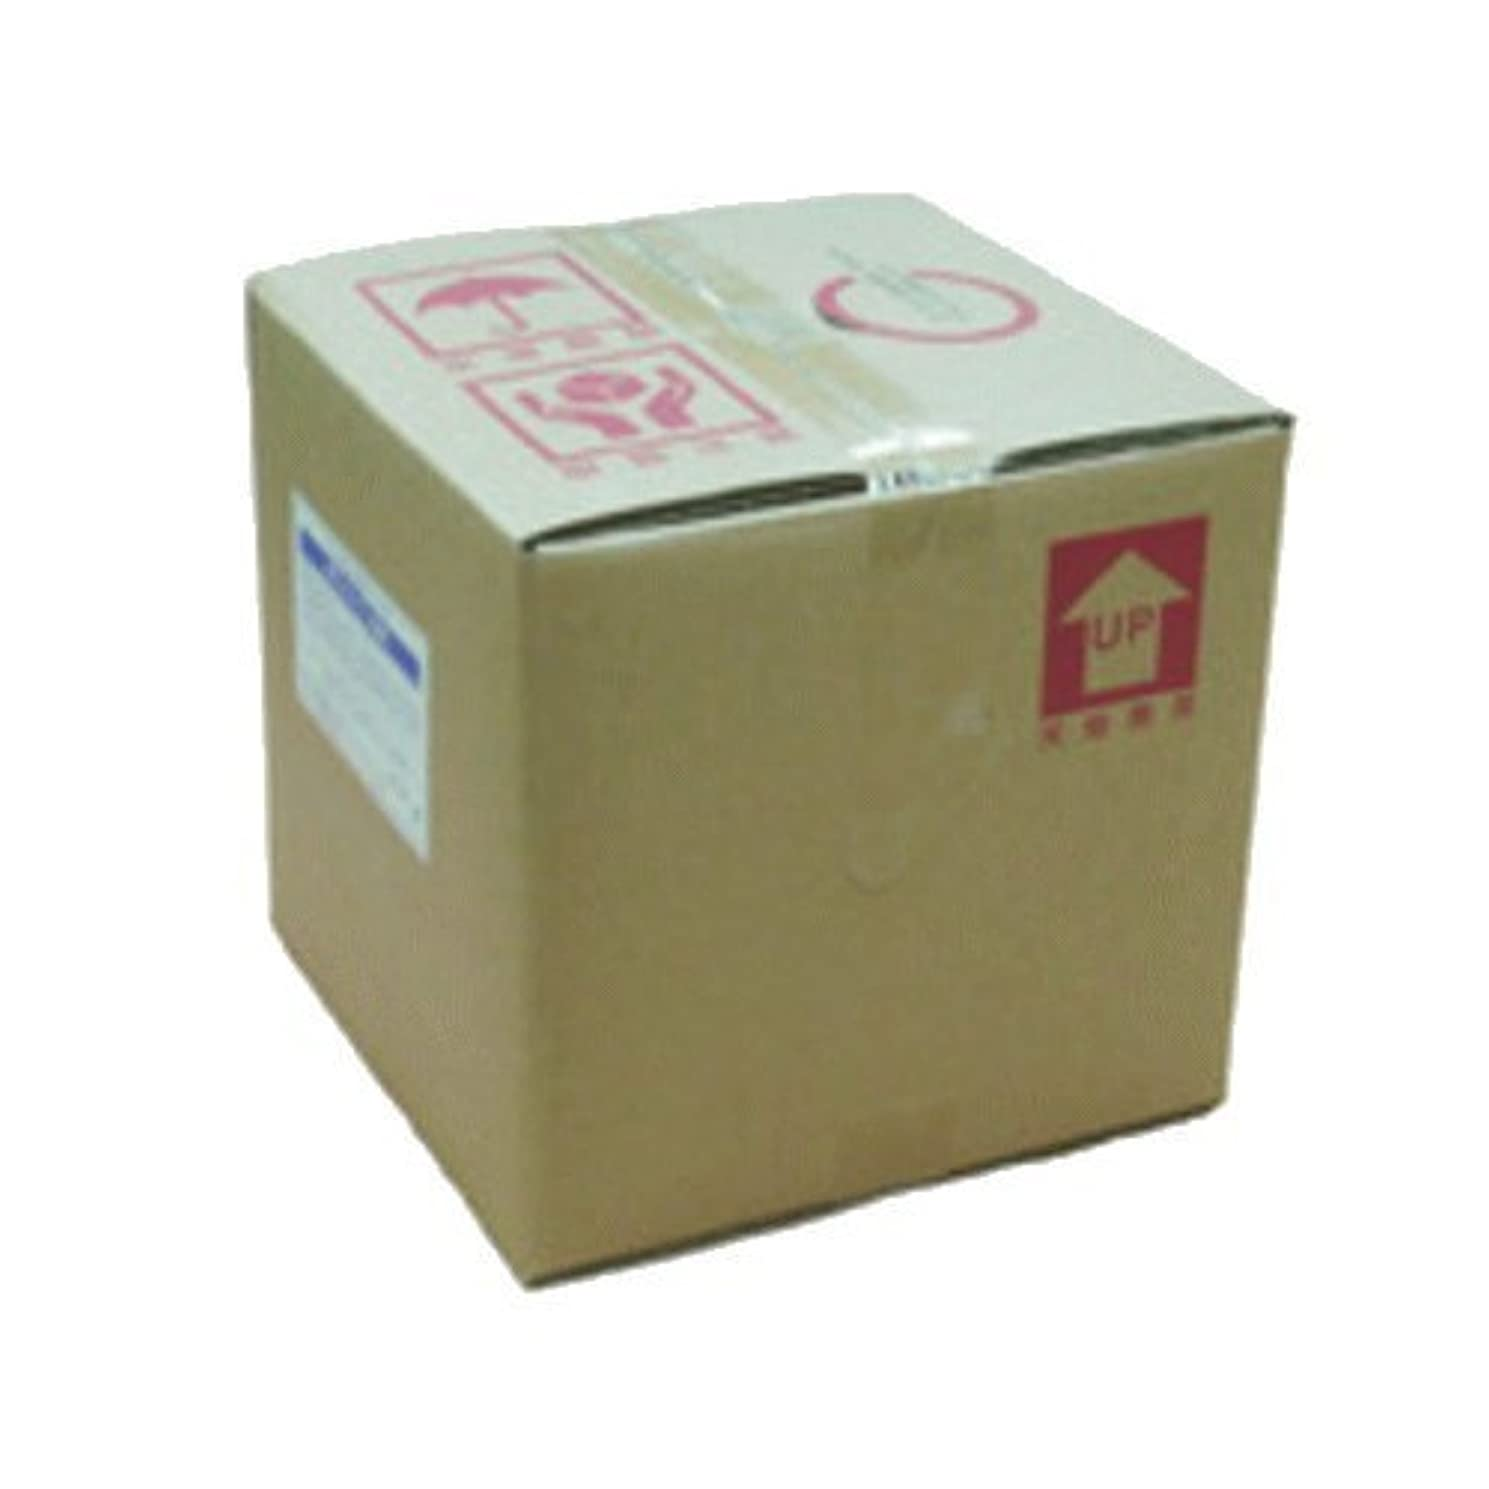 したい臨検王子ウインドヒル 業務用コンディショナー(リンス) オレンジA-1 20L